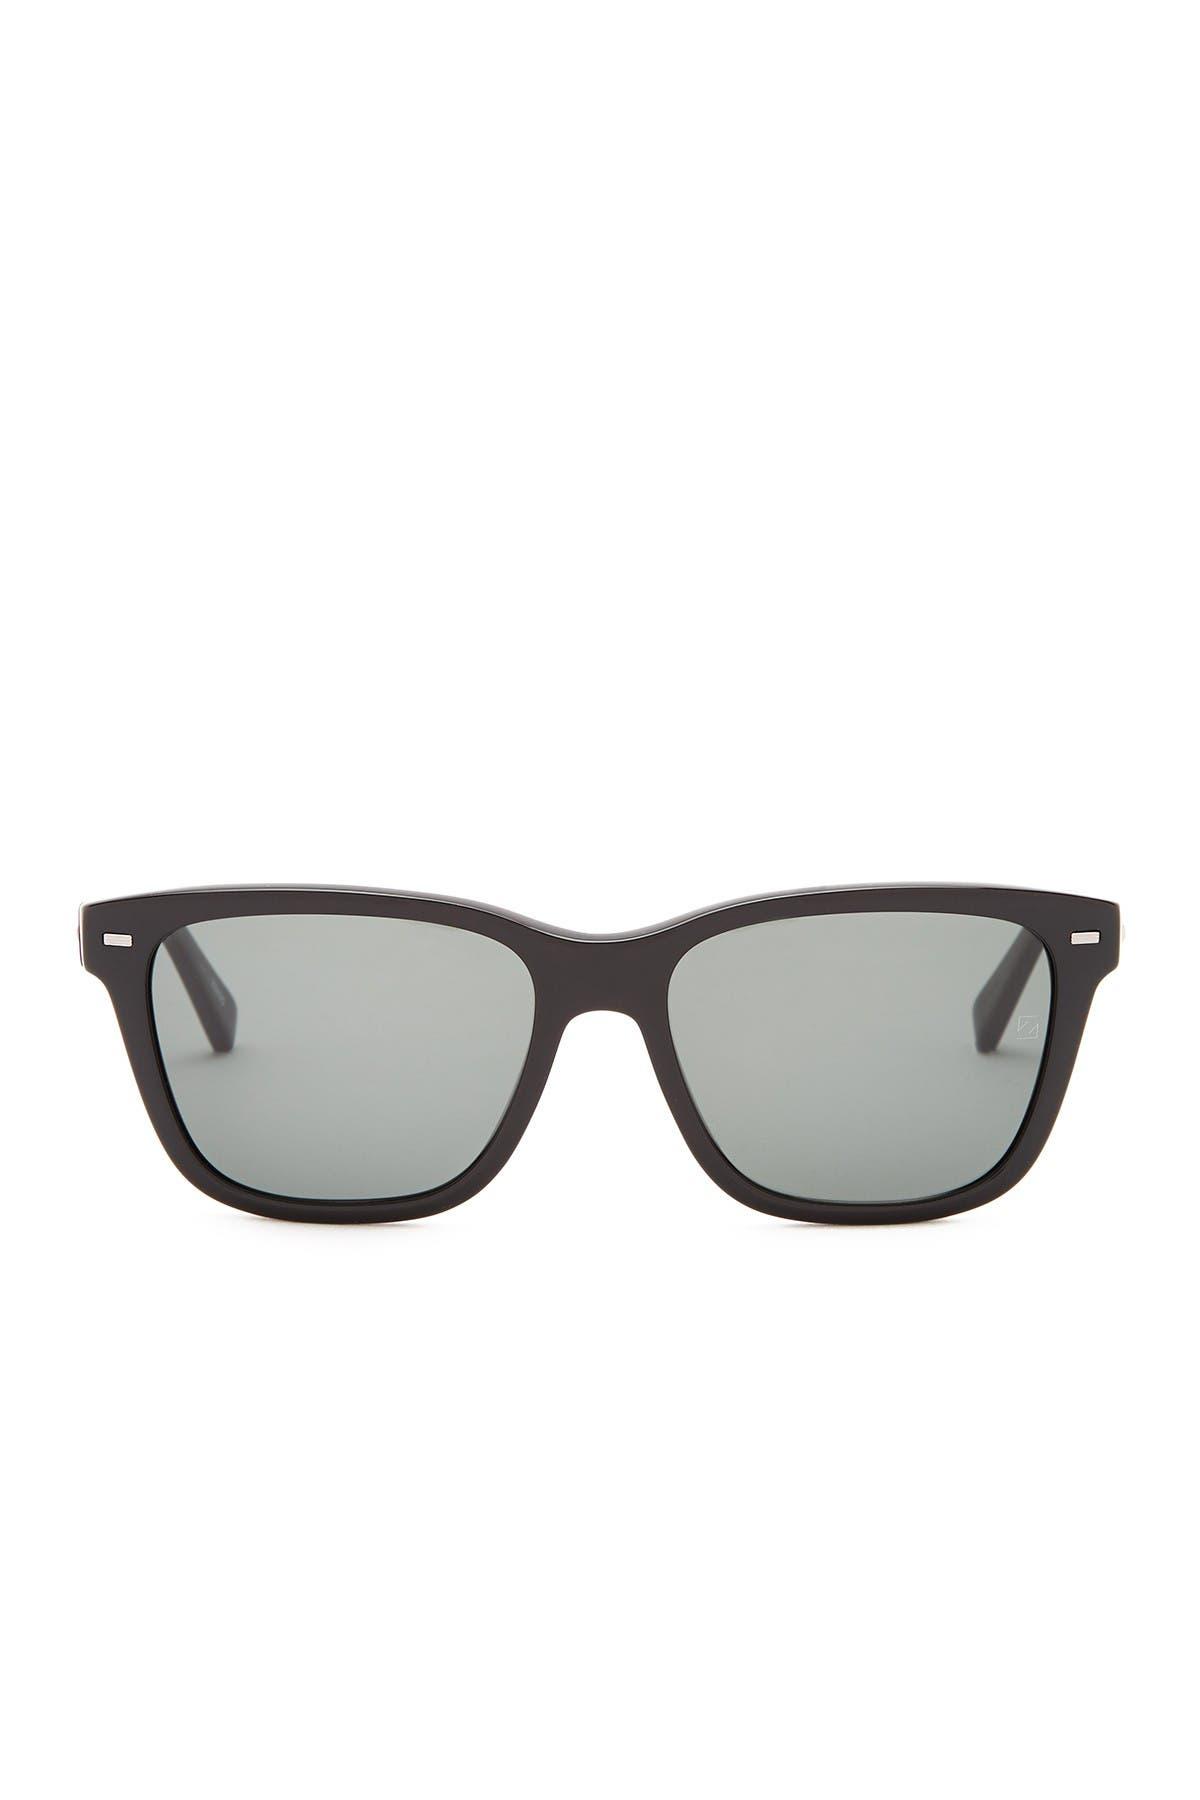 Image of Ermenegildo Zegna 57mm Acetate Sunglasses